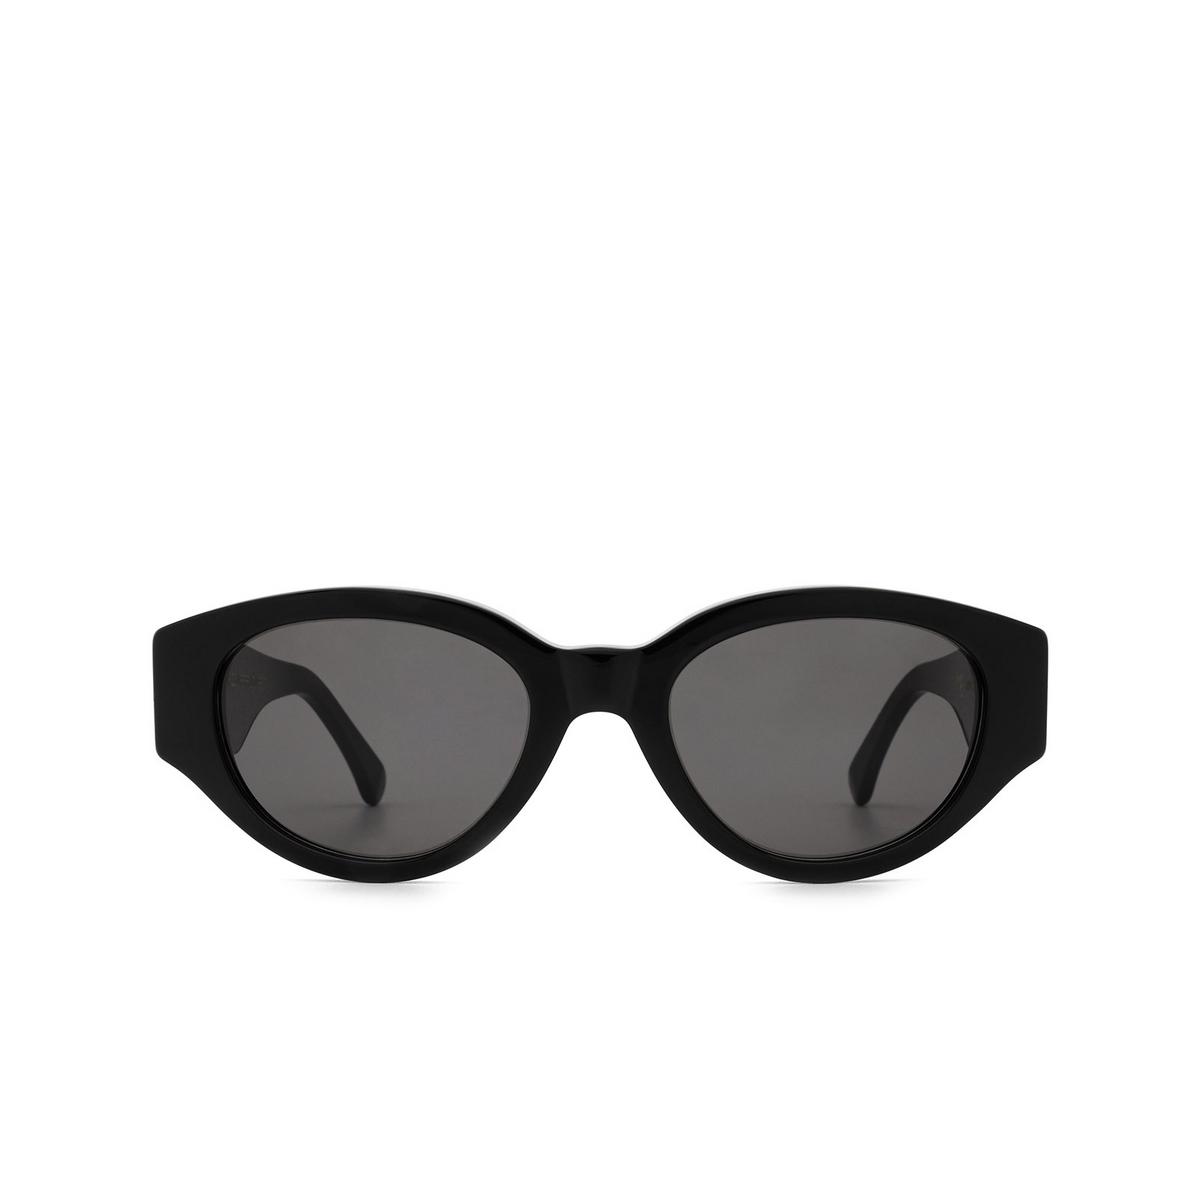 Retrosuperfuture® Oval Sunglasses: Drew Mama color Black BC8 - front view.